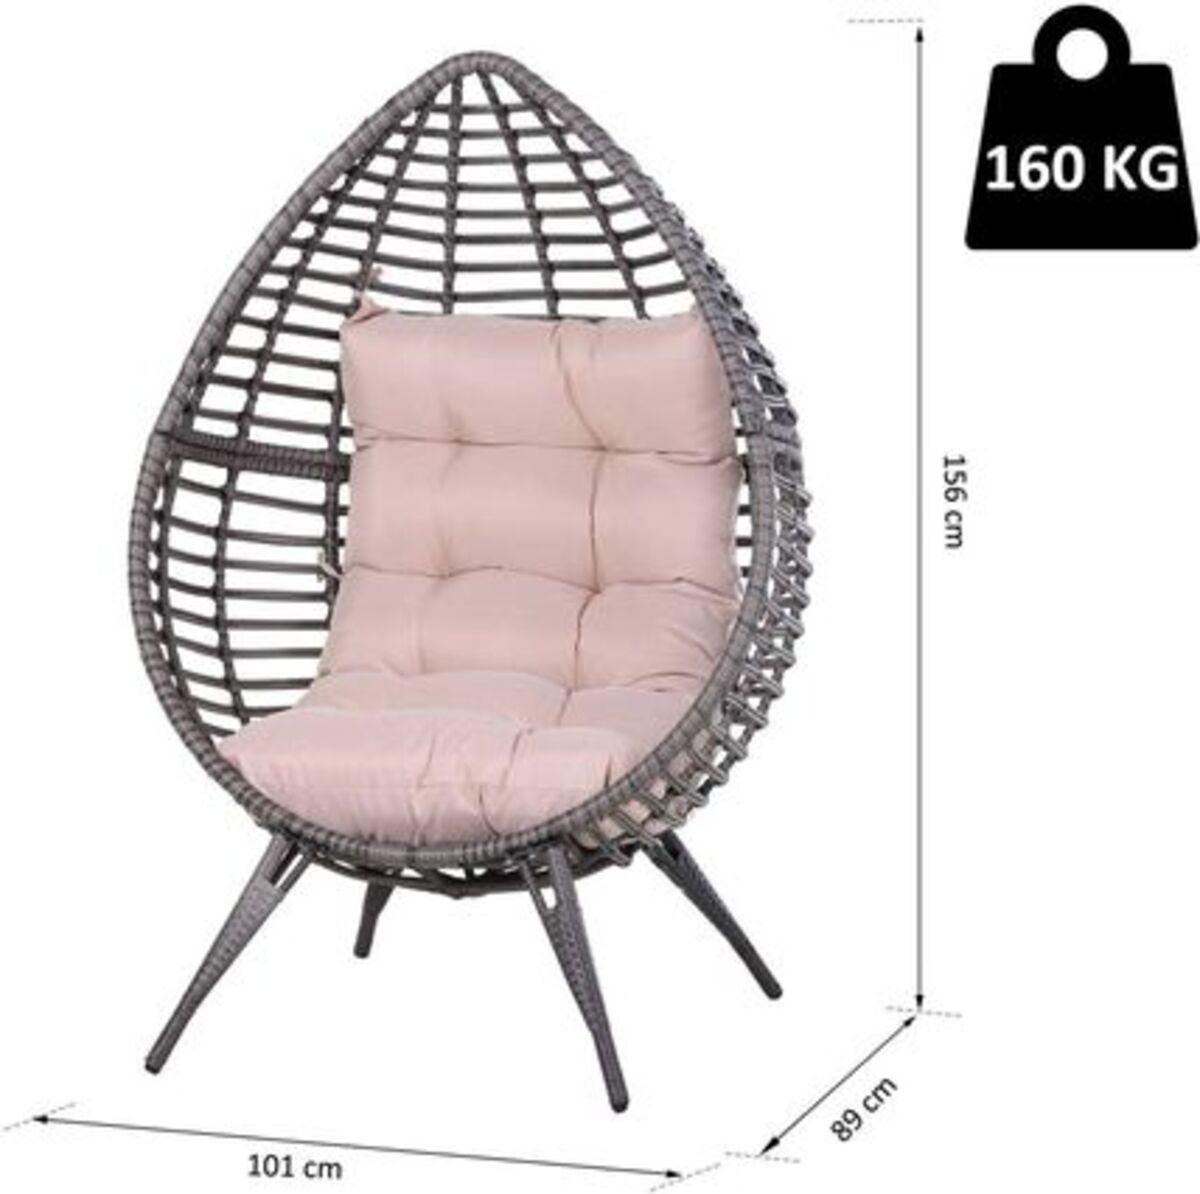 Bild 3 von Outsunny Gartensessel mit Sitzkissen